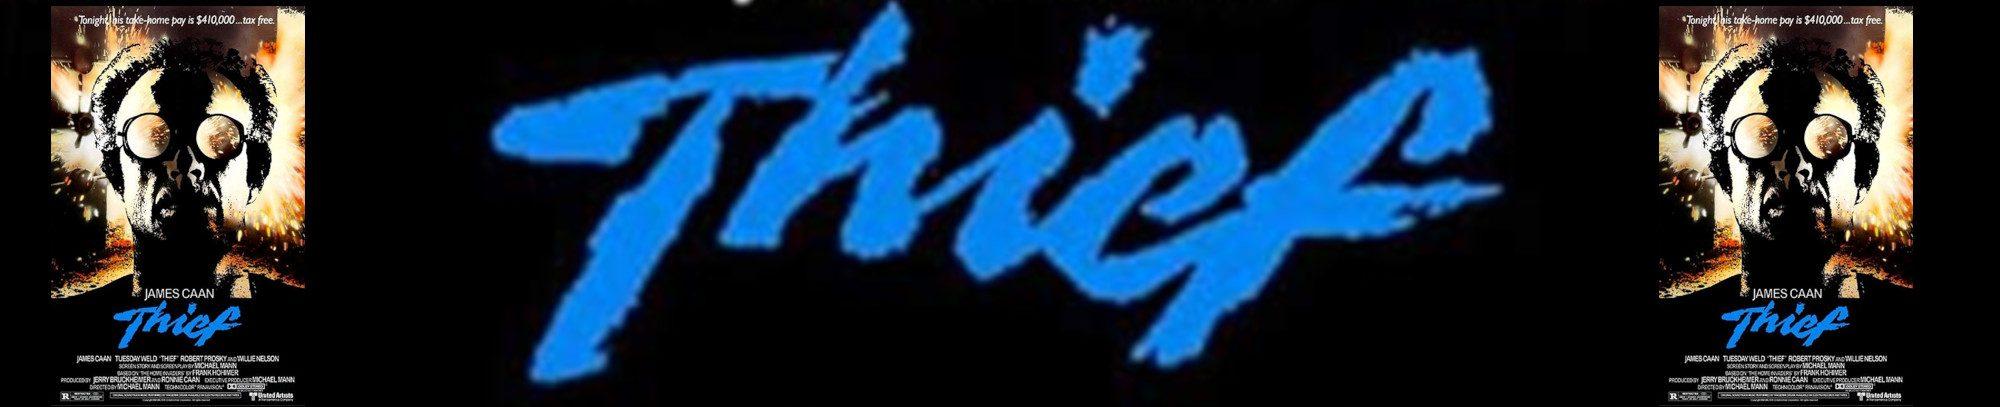 Episode 054: Der Einzelgänger (Thief), 1981